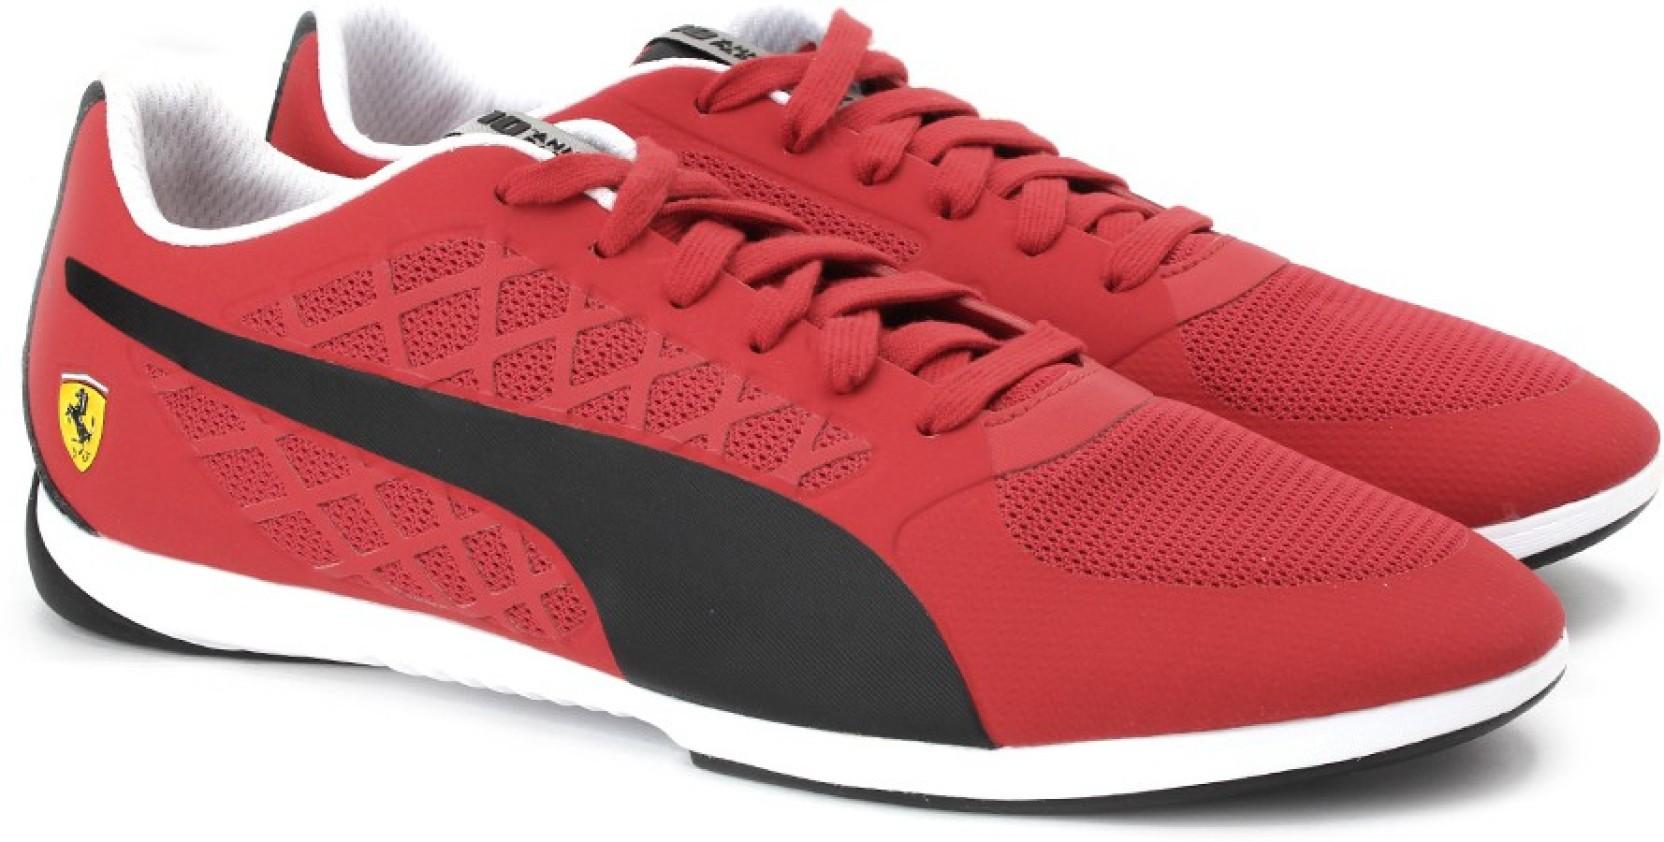 7c6b3f65084278 Puma Ferrari Valorosso 2 SF -10- Sneakers For Men - Buy rosso corsa ...